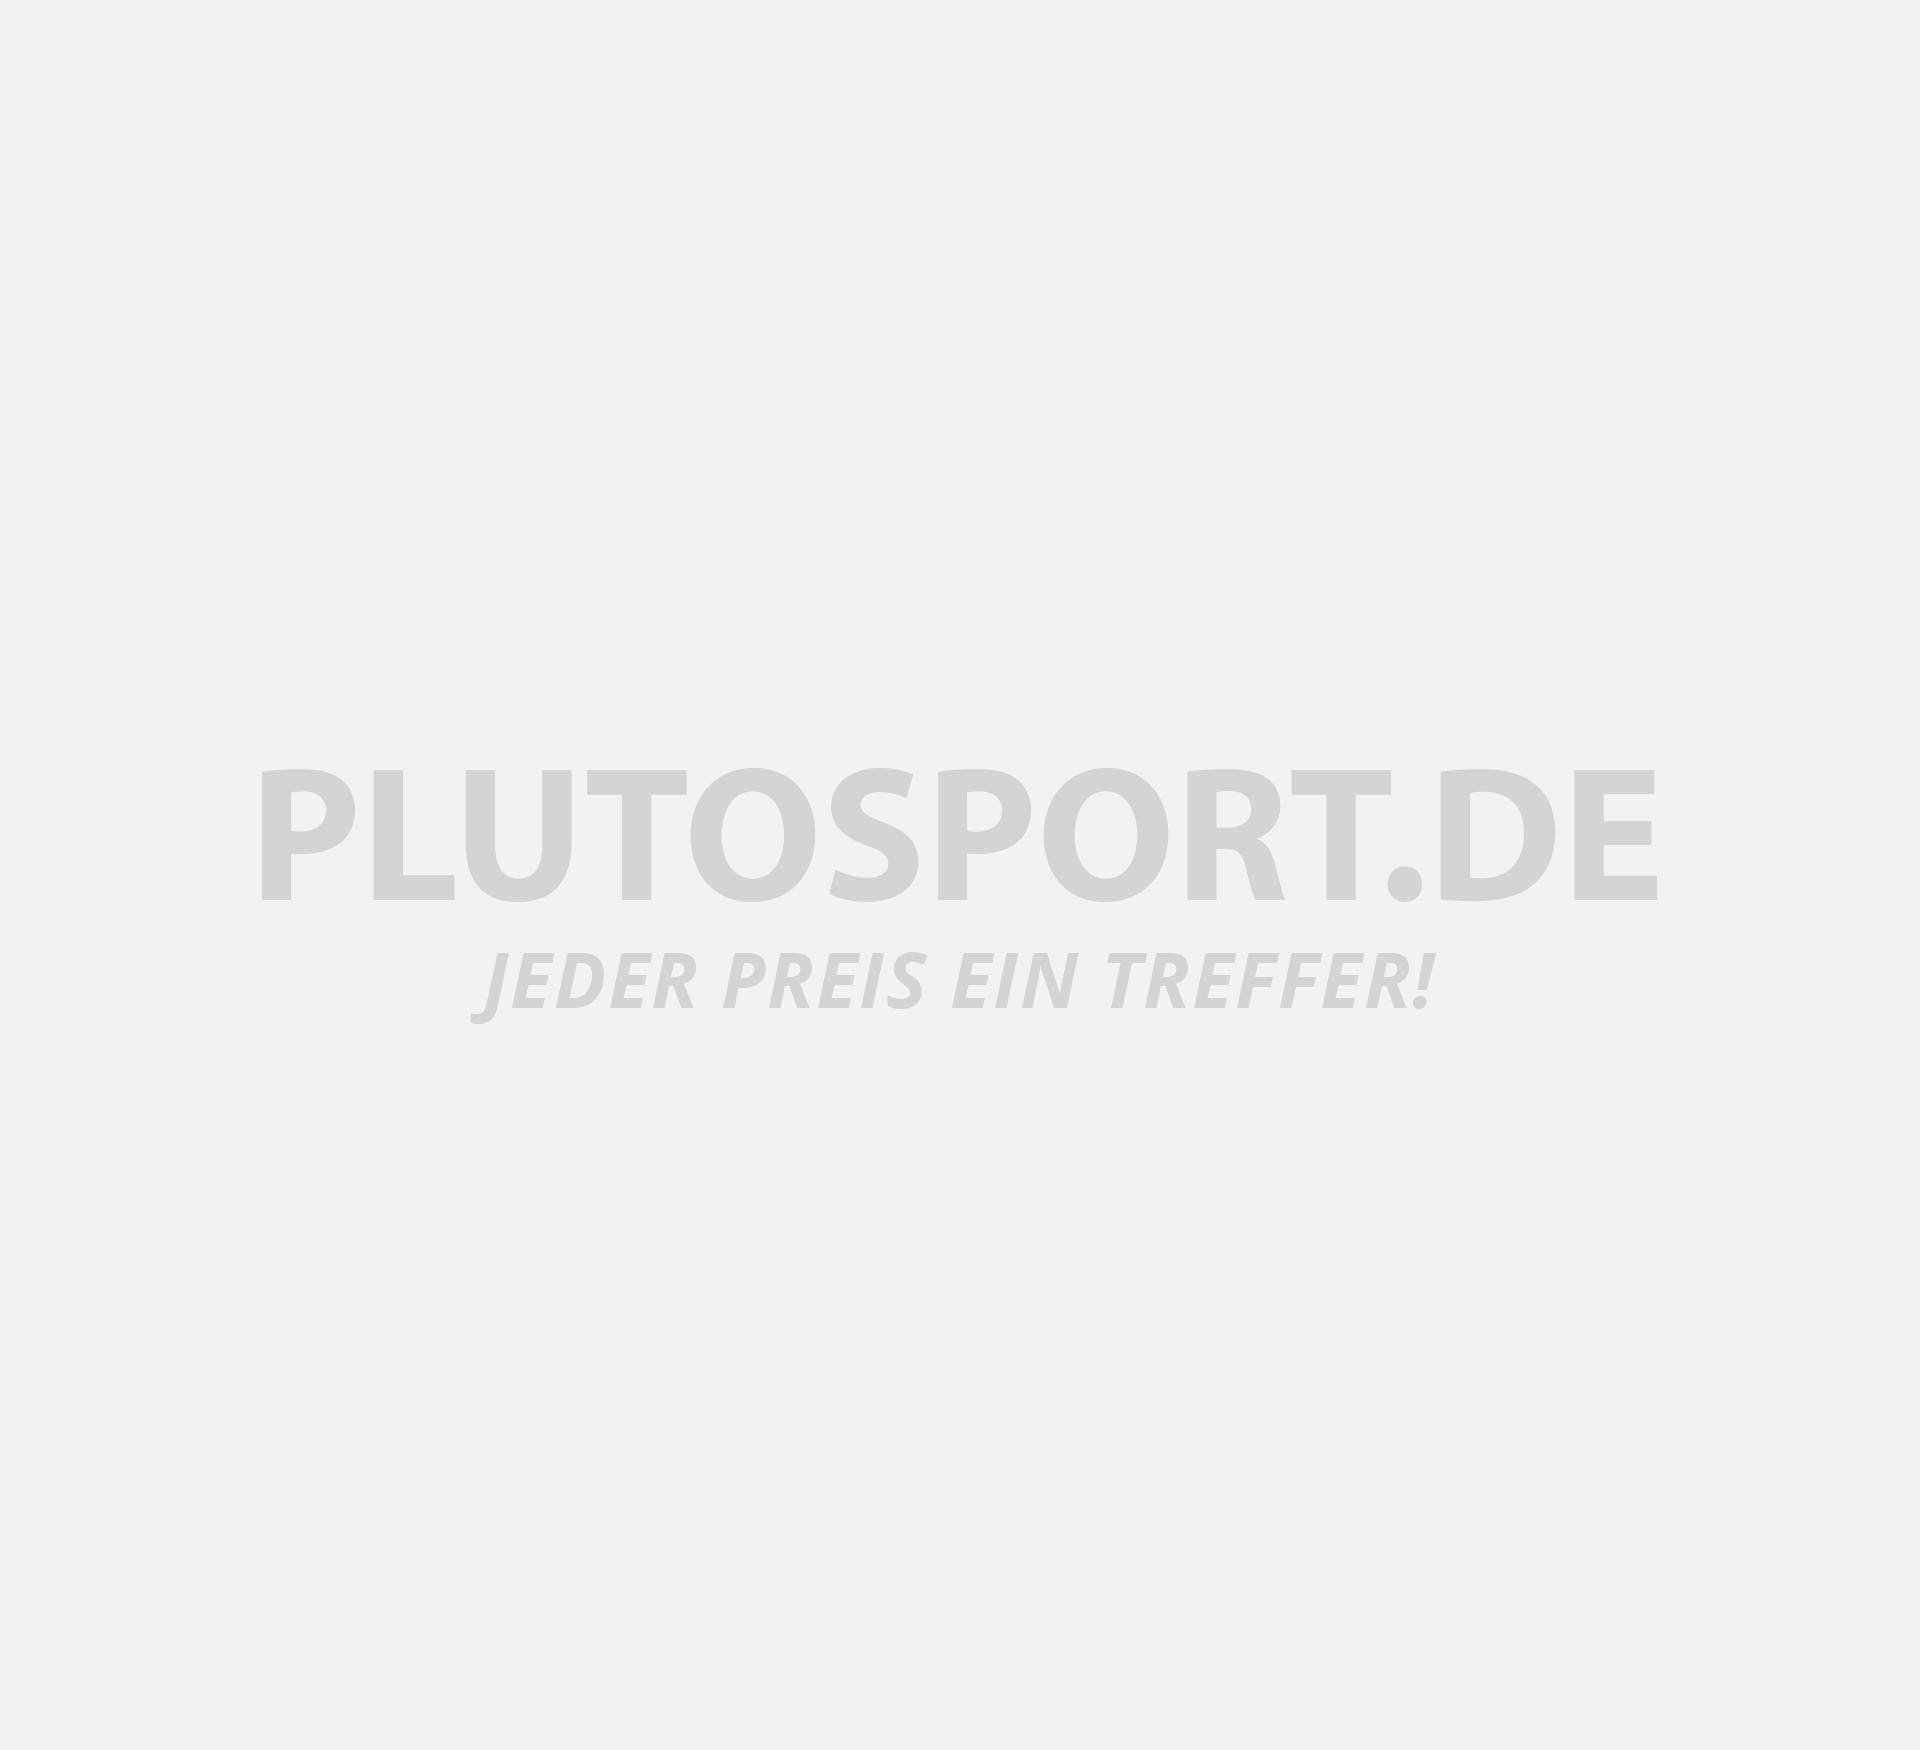 Reusch Attrakt Grip Torwarthandschuhe Senior